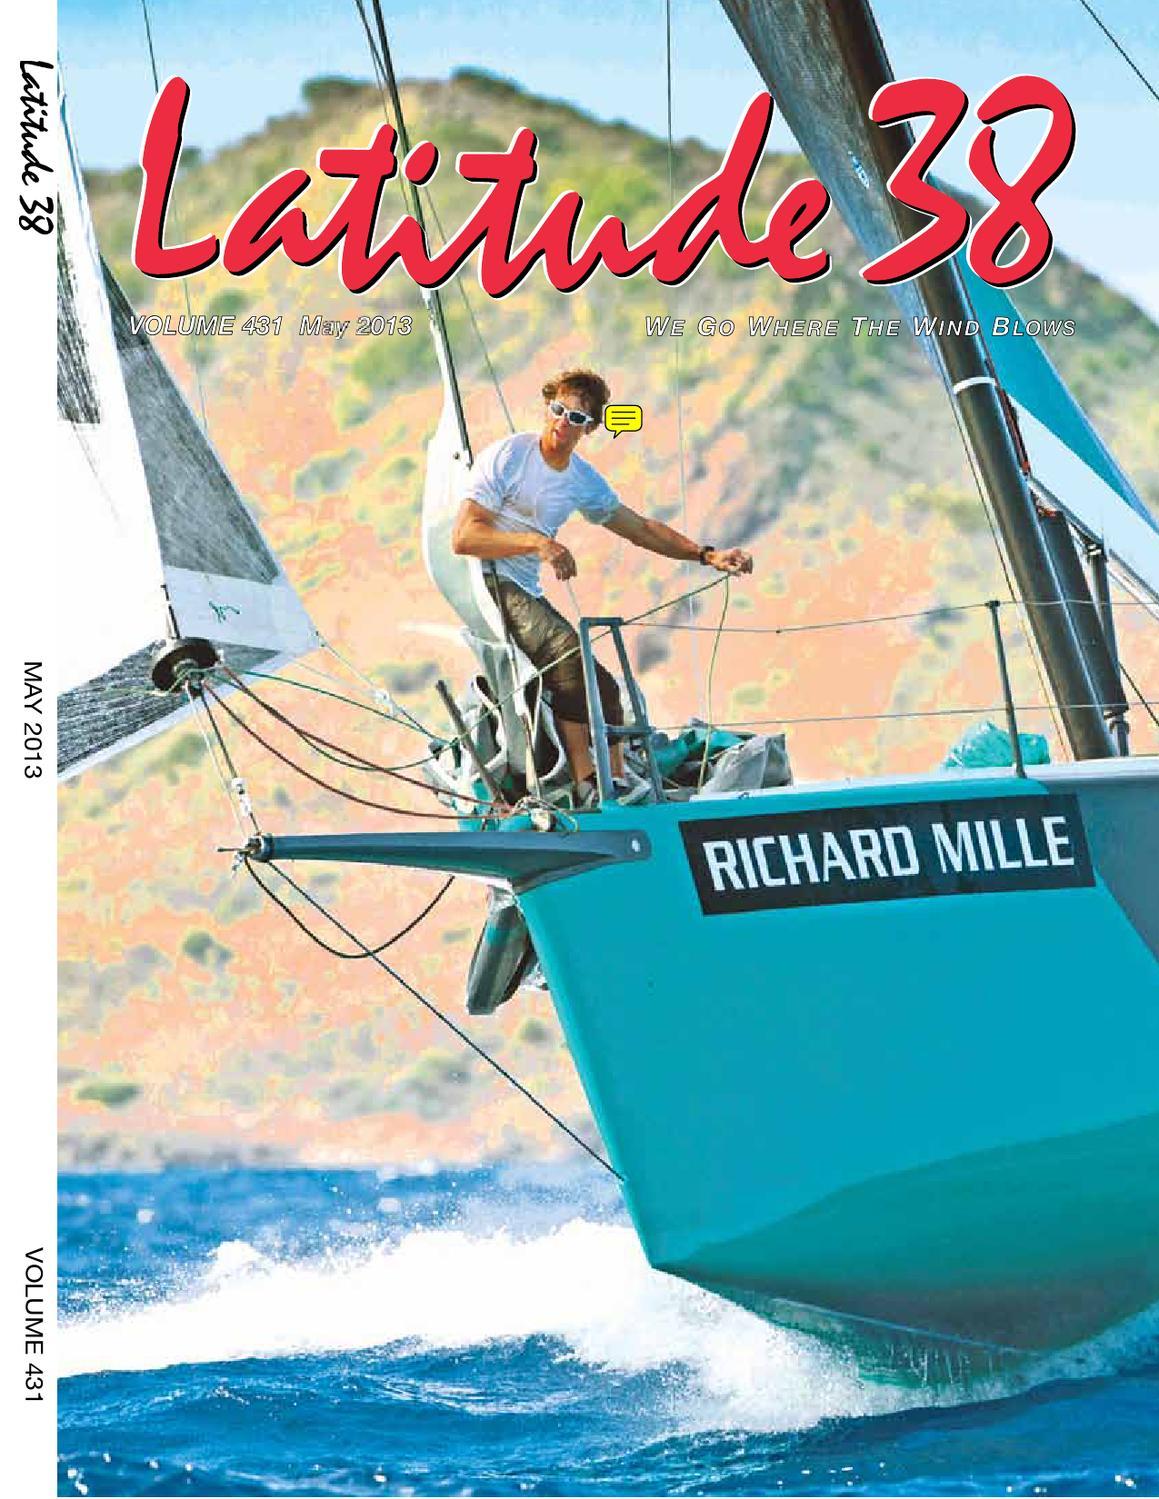 Guatemala Yacht Broker-båter-seilbåter til salgs-Eldste meglerhuset på Rio Dulce GUATEMALA